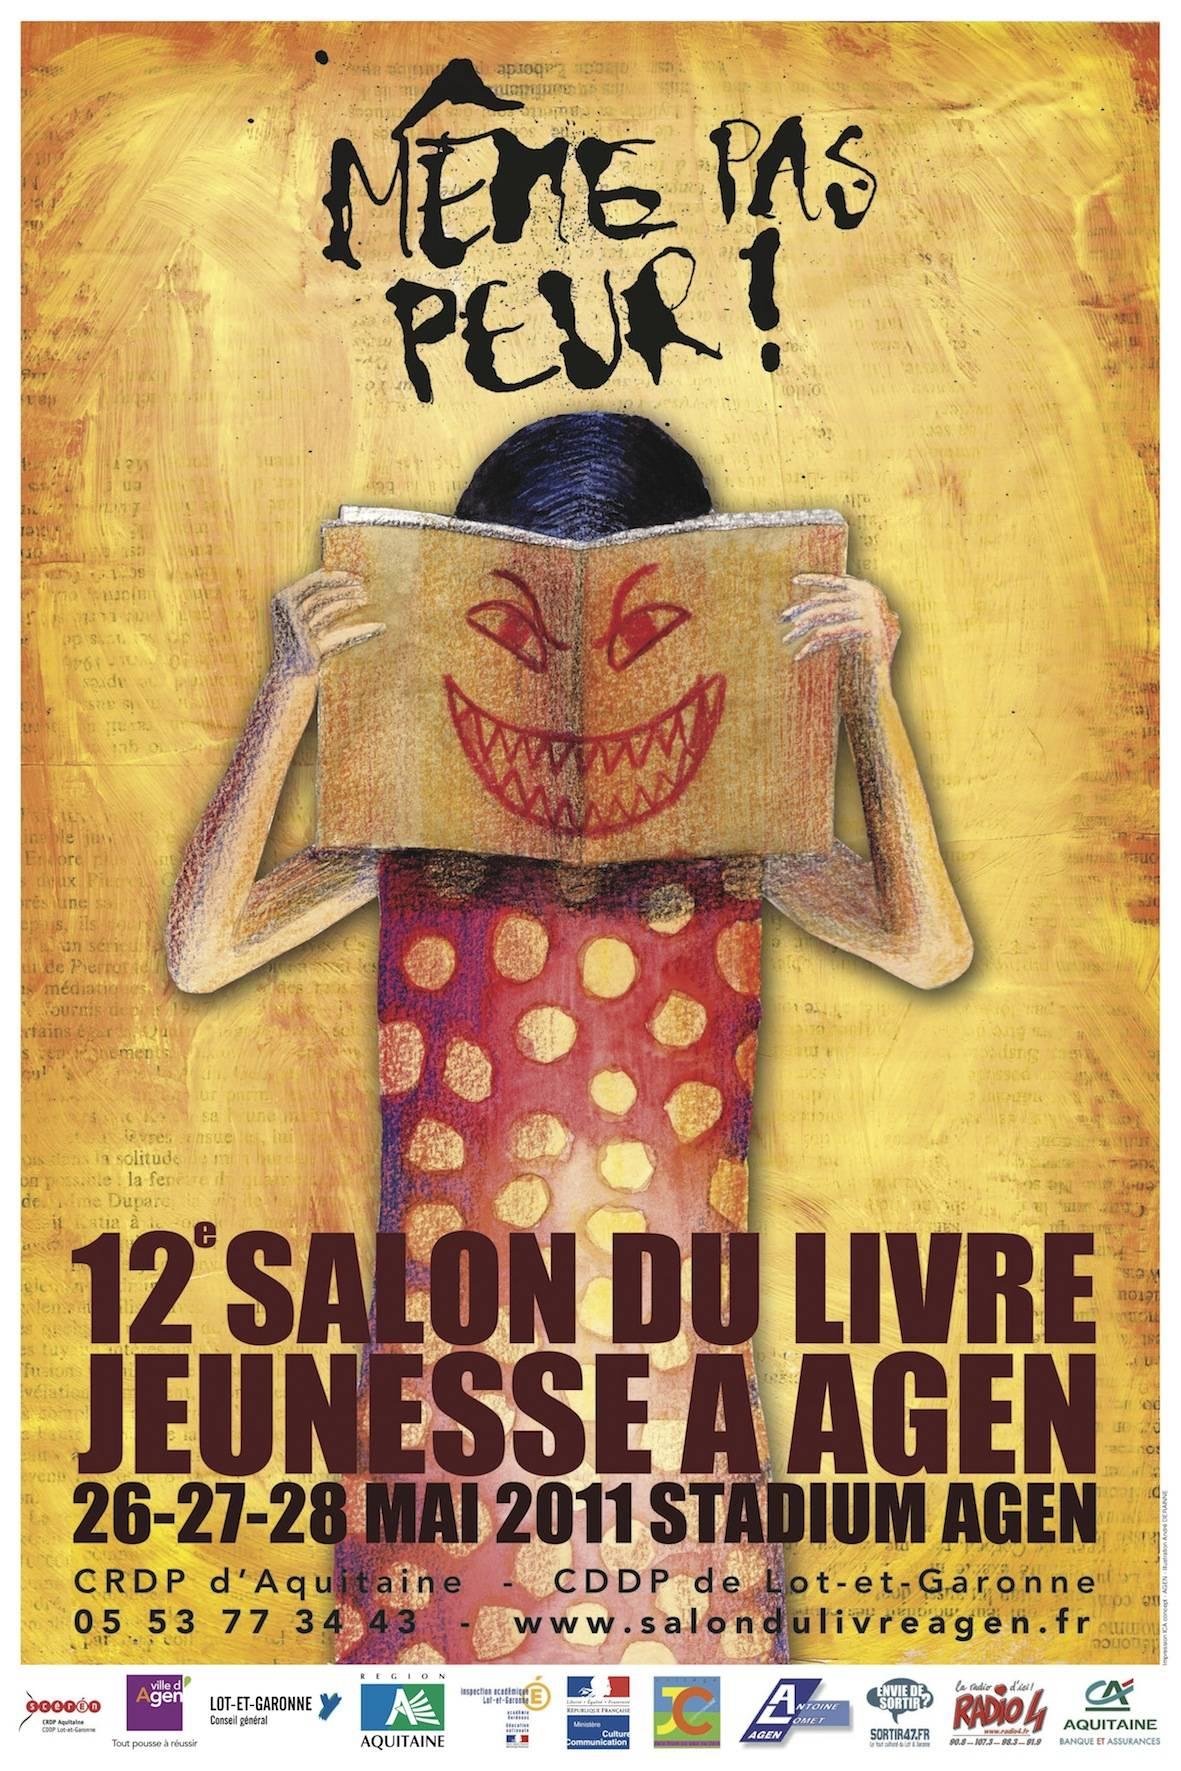 Image Salon du livre jeunesse d'Agen